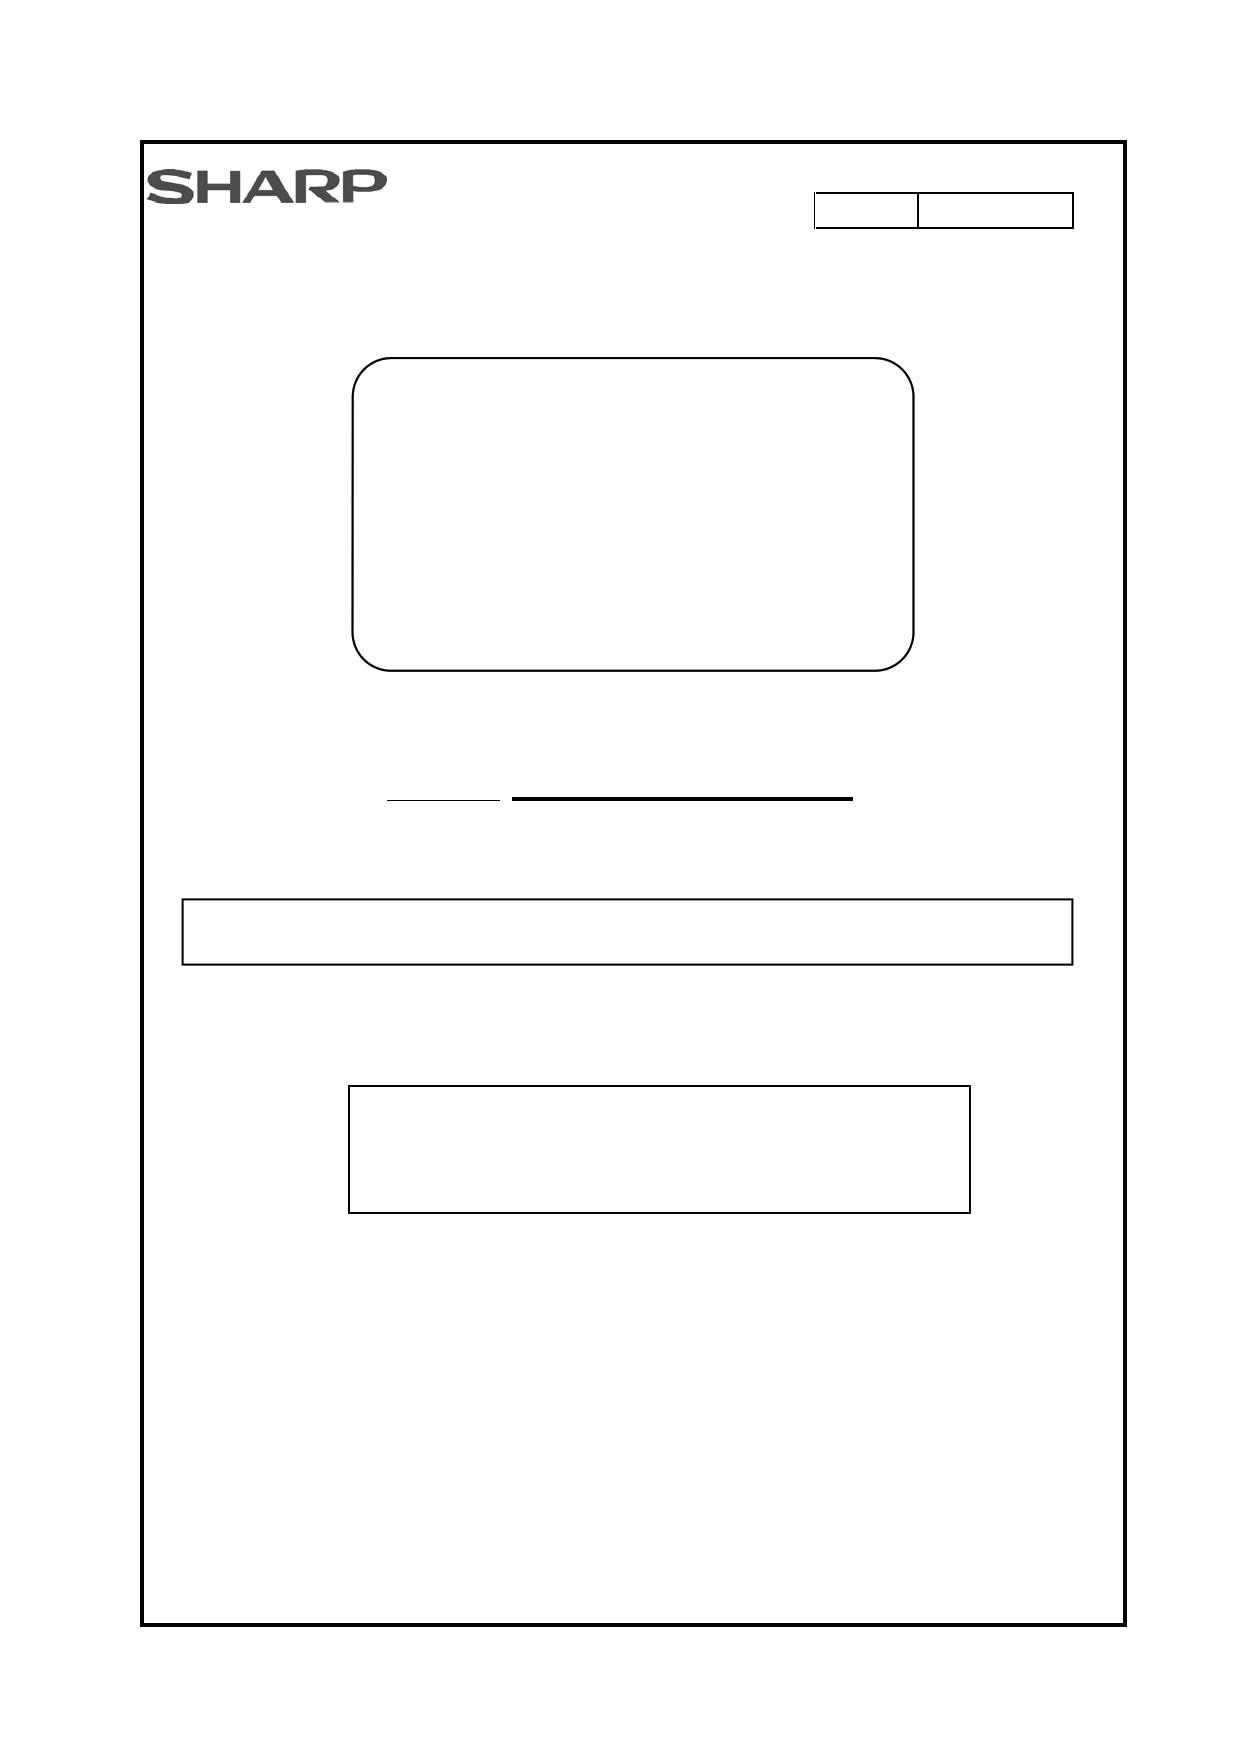 LQ156M3LW01 pdf